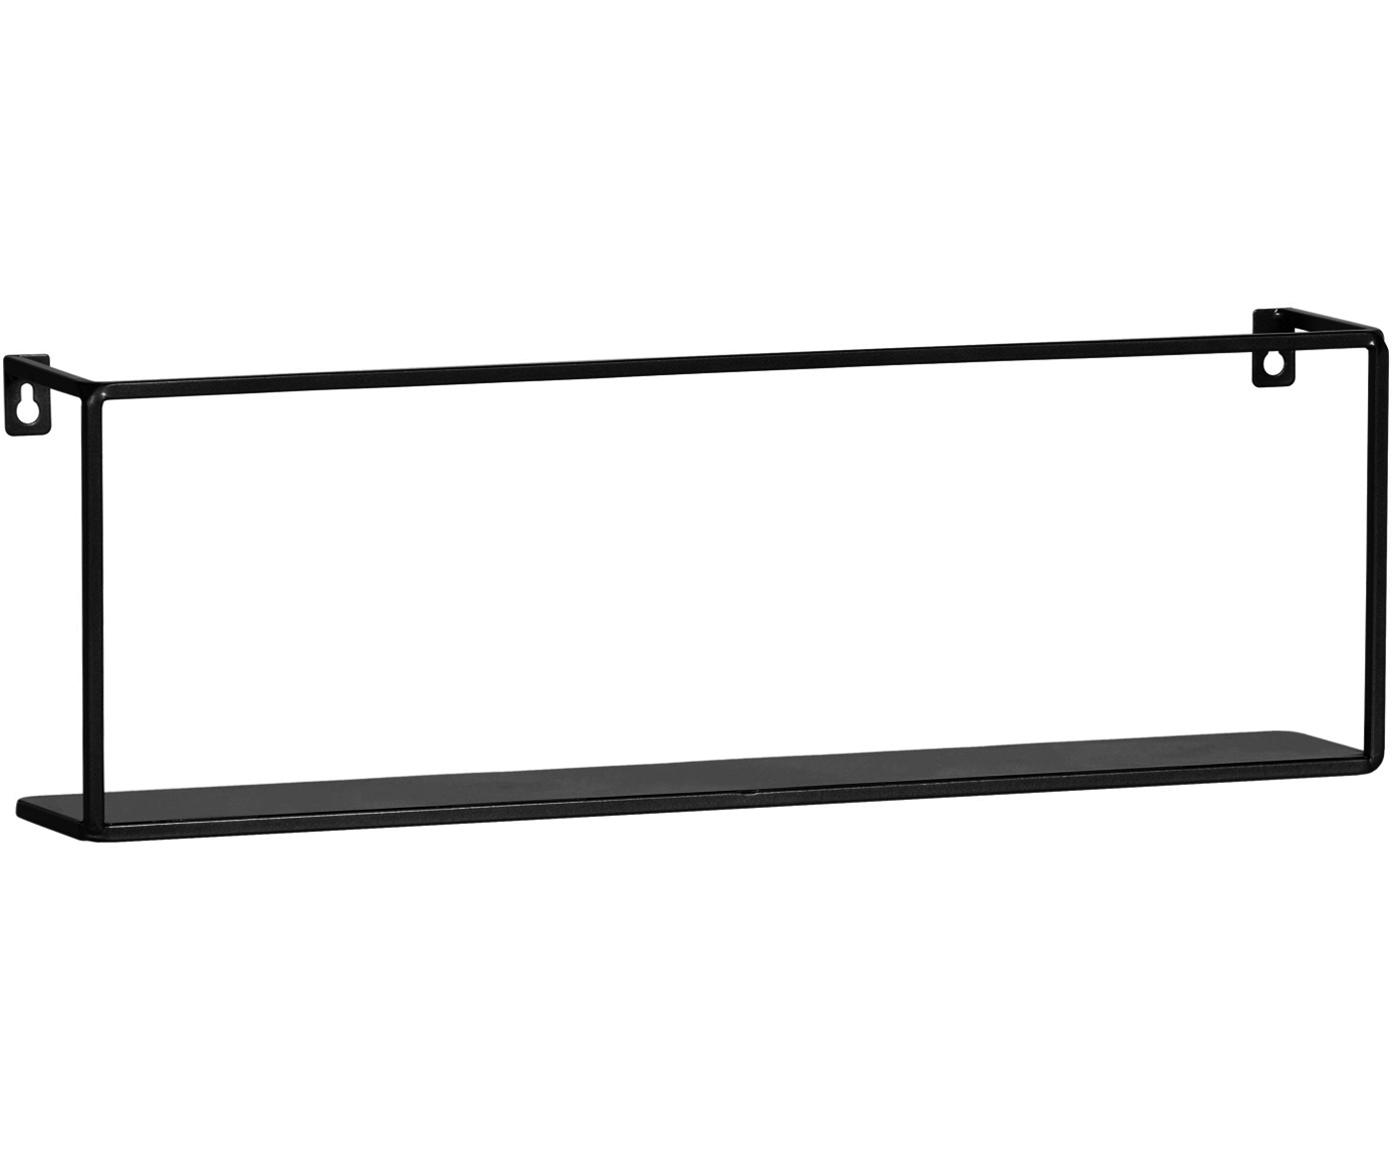 Estante de pared de metal Meert, Metal recubierto, Negro, An 50 x Al 16 cm